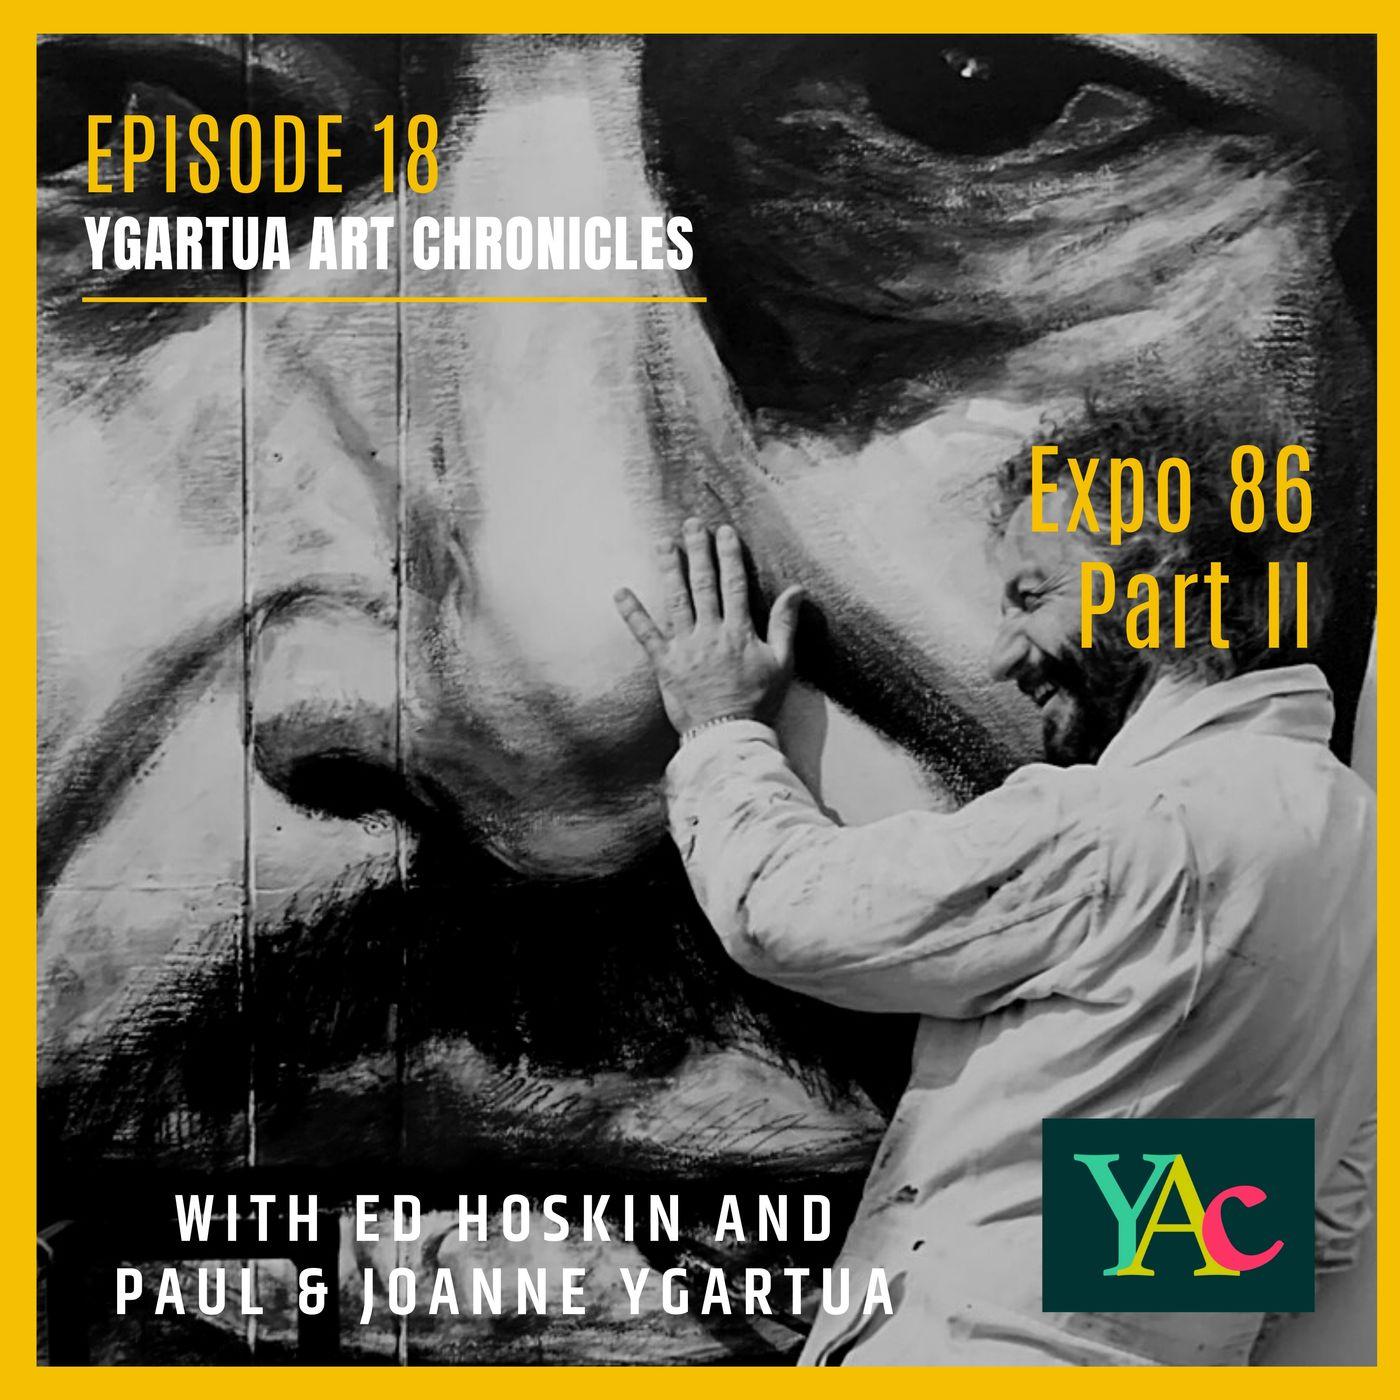 Episode 18: Expo 86, Part II